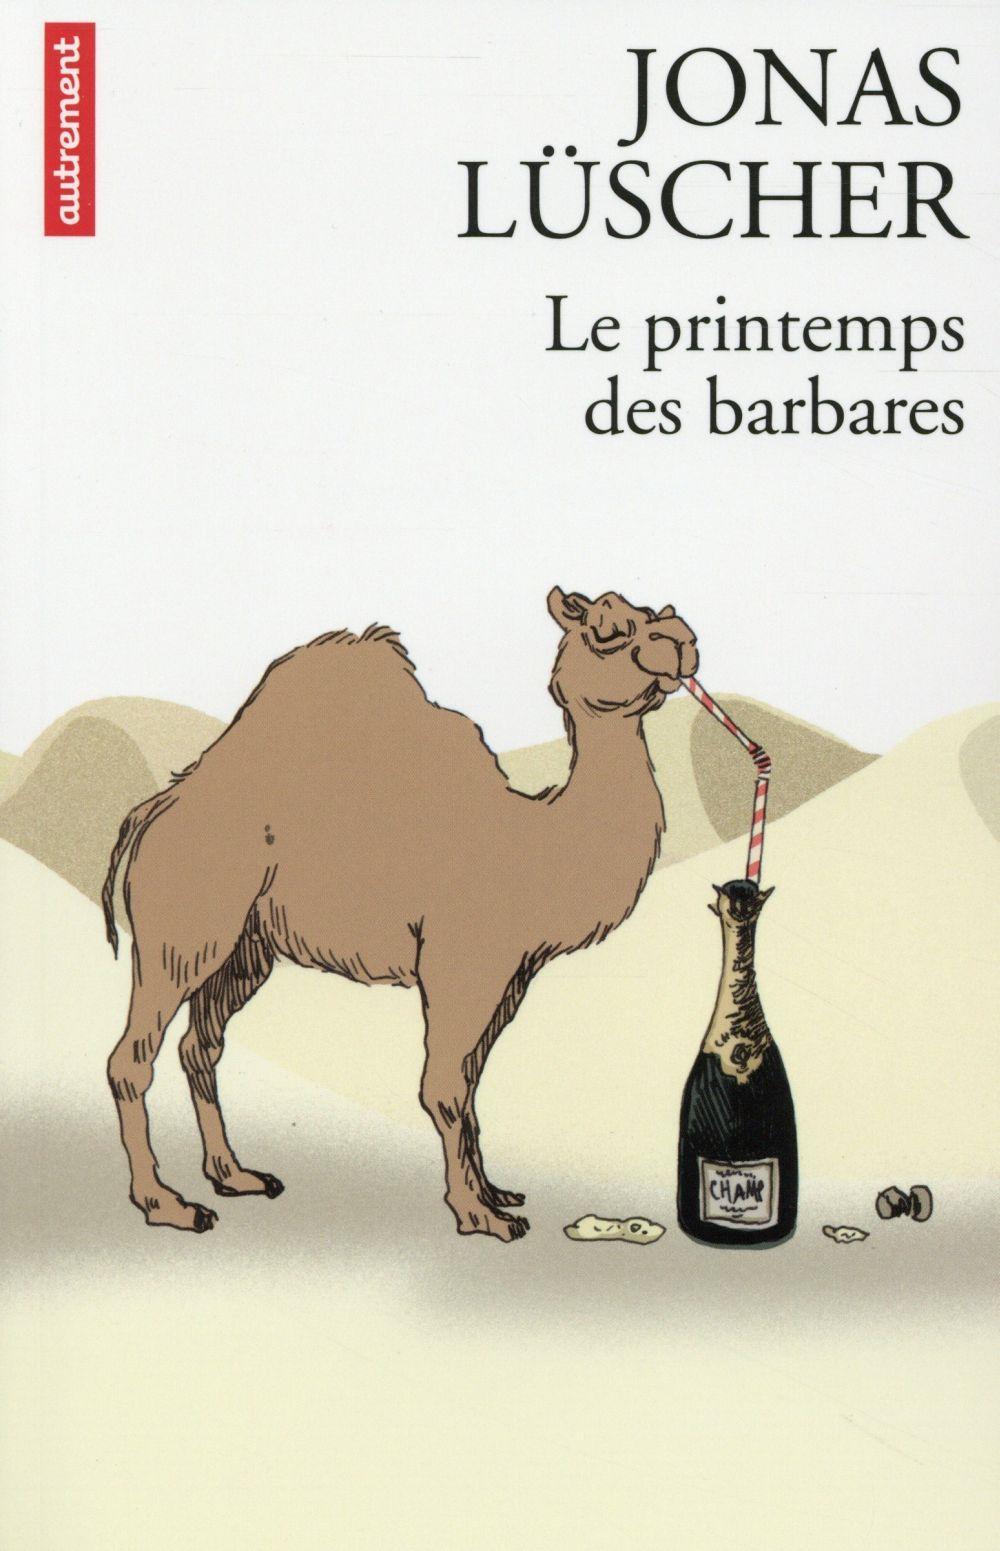 Le printemps des barbares jonas luscher france loisirs suisse - Le grill des barbares ...